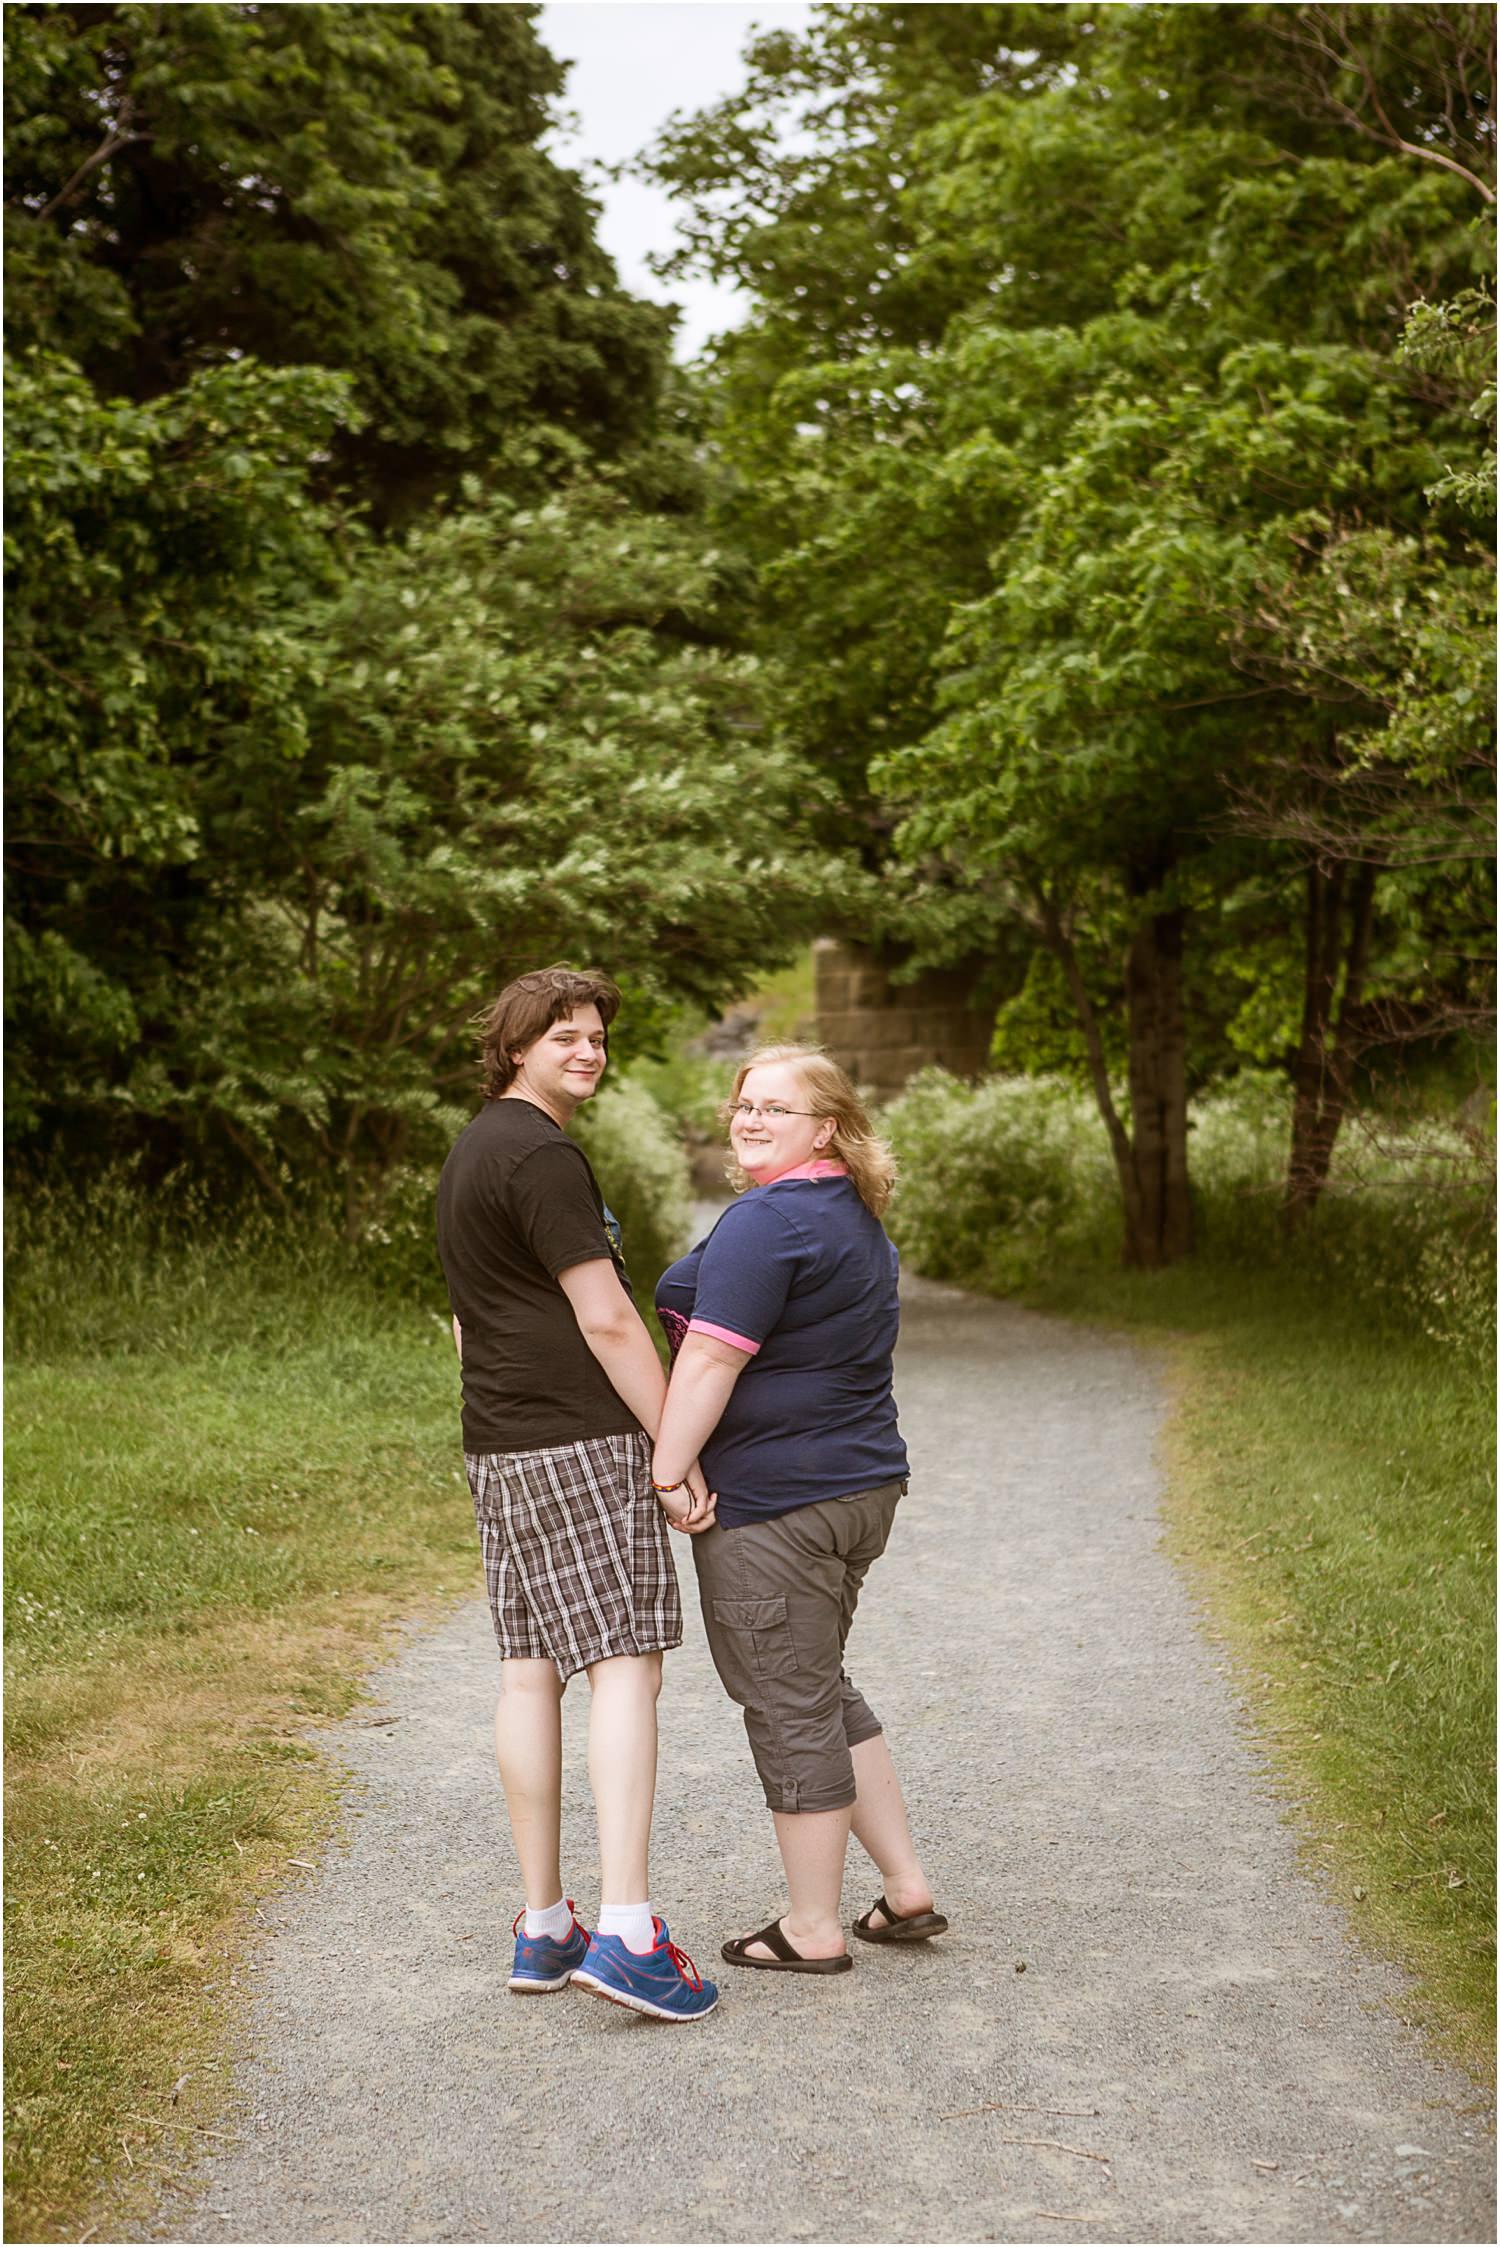 St Johns Newfoundland Wedding Photographers Newfoundland Engagement Photographers Jennifer Dawe Photography 1378 St Johns Newfoundland Engagement Photographer   Adam and Heather   Jennifer Dawe Photography